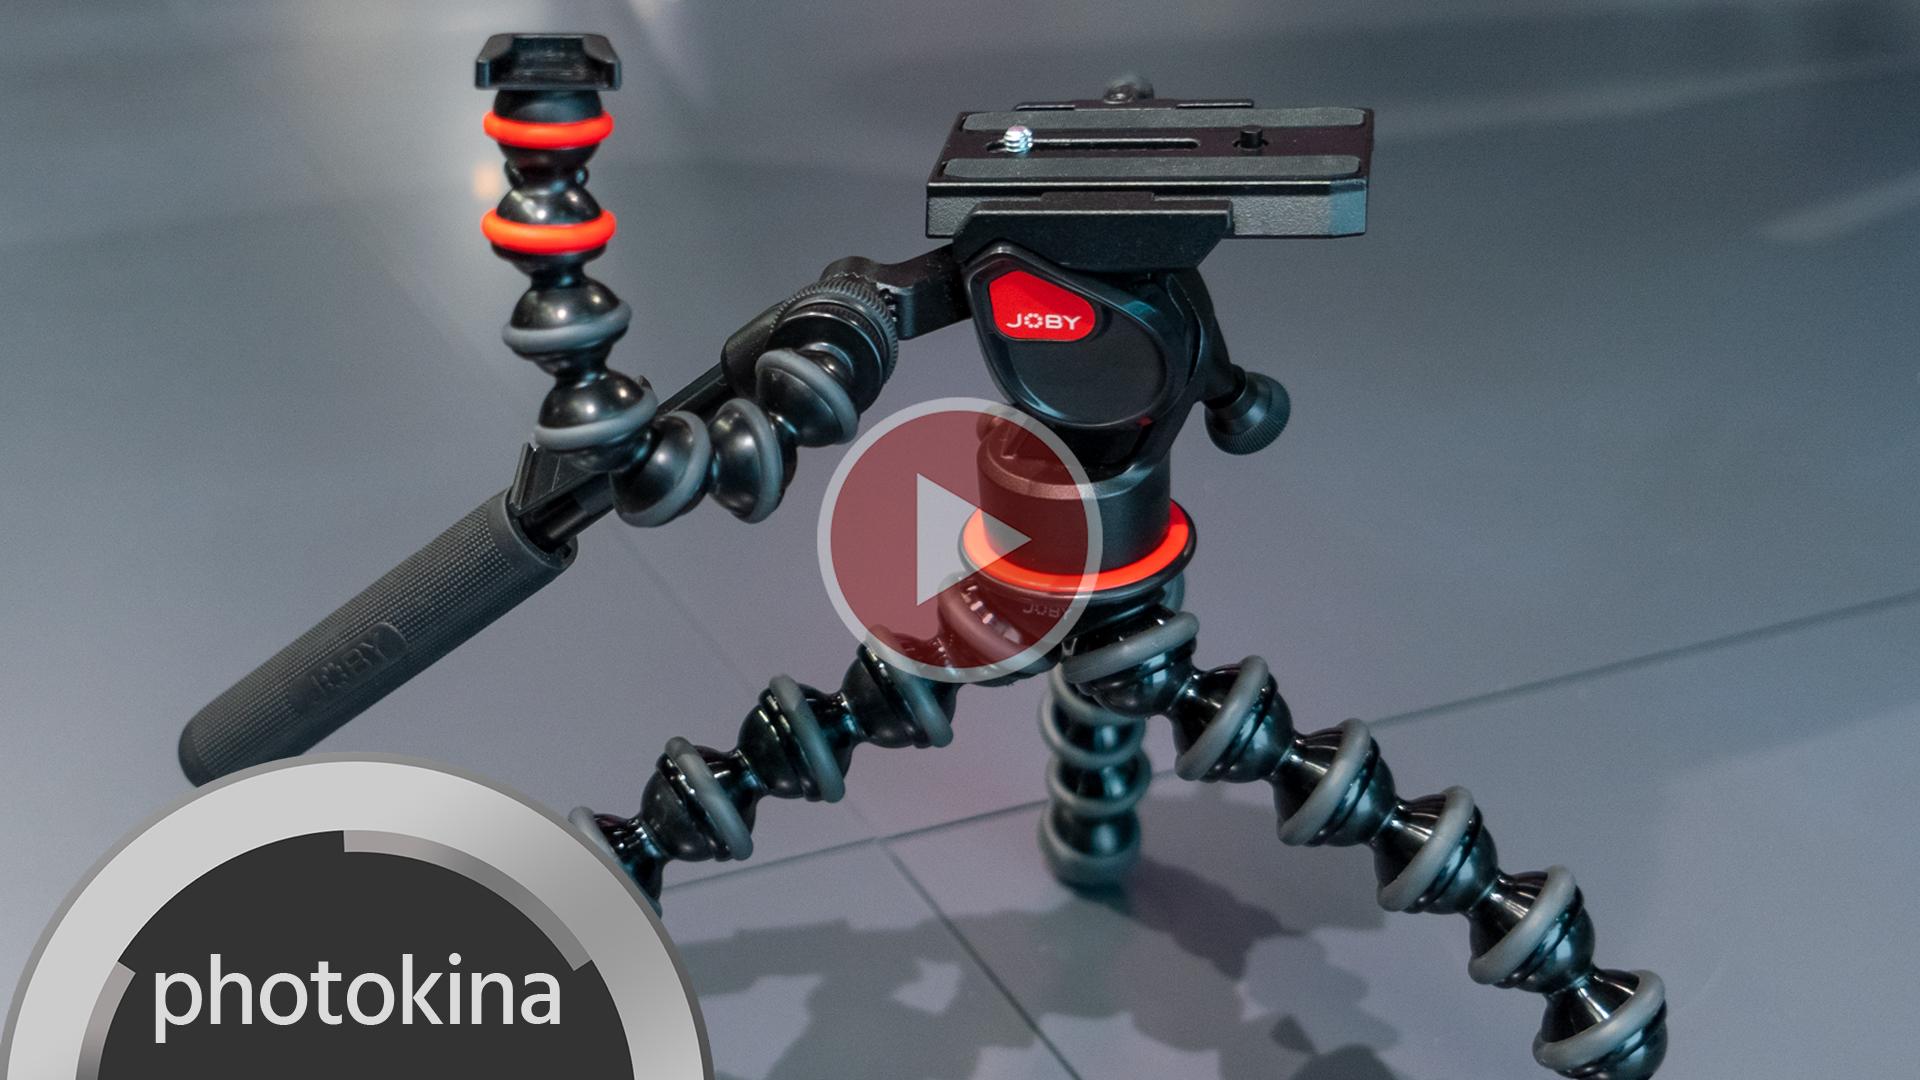 El Joby Gorillapod Video Pro ahora con cabezal fluido para un control suave del paneo e inclinación